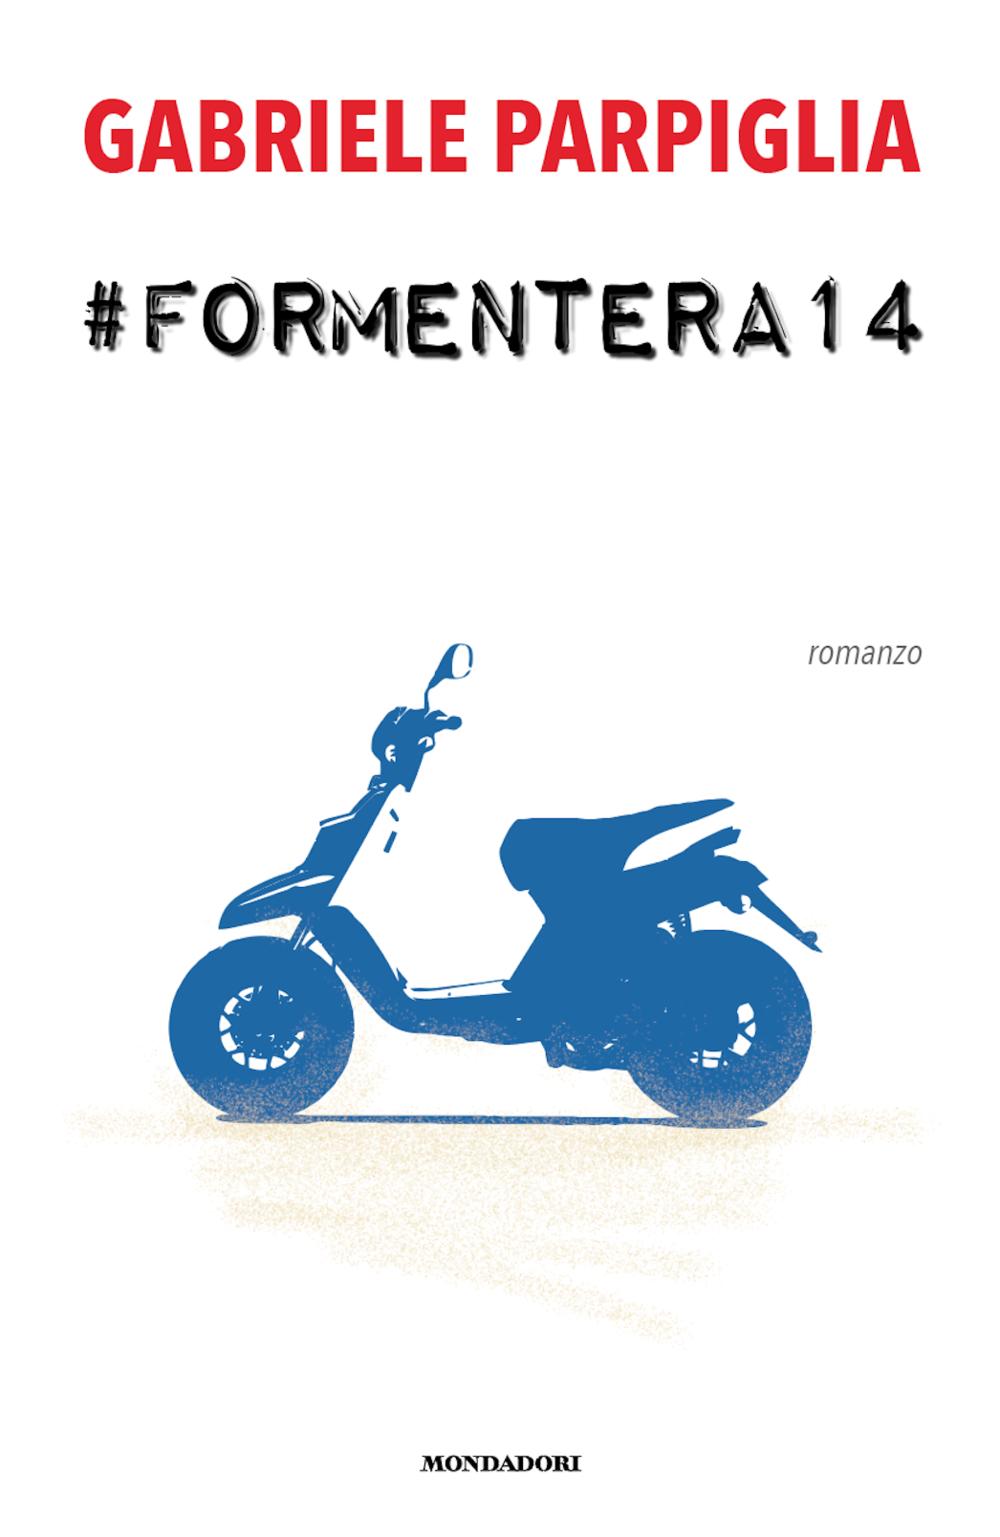 Copertina romanzo #FORMENTERA14